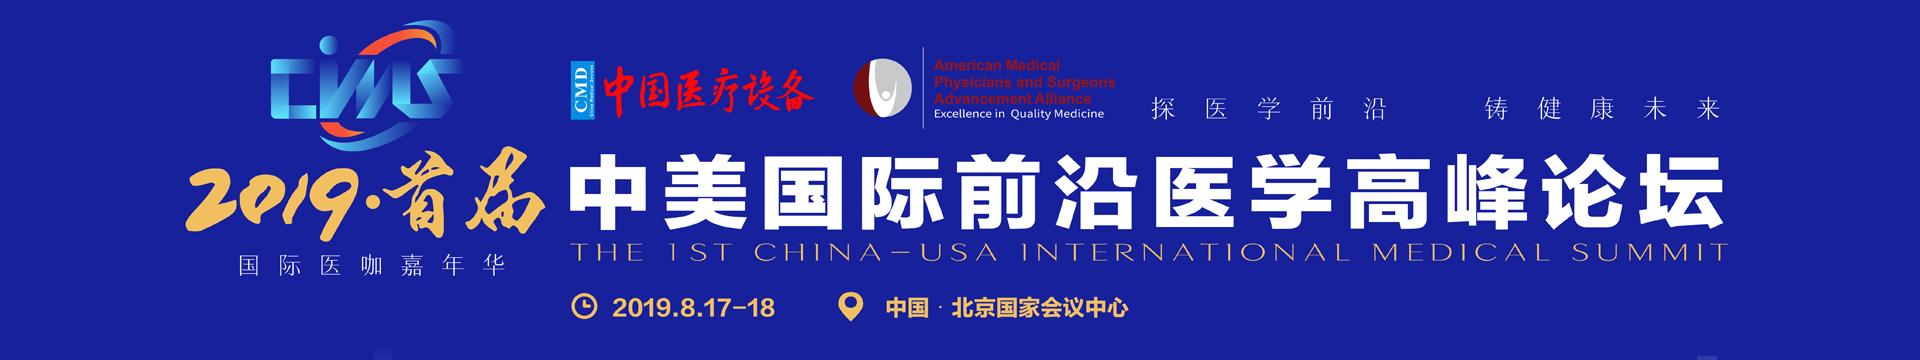 2019首届中美国际前沿医学高峰论坛(CIMS北京)